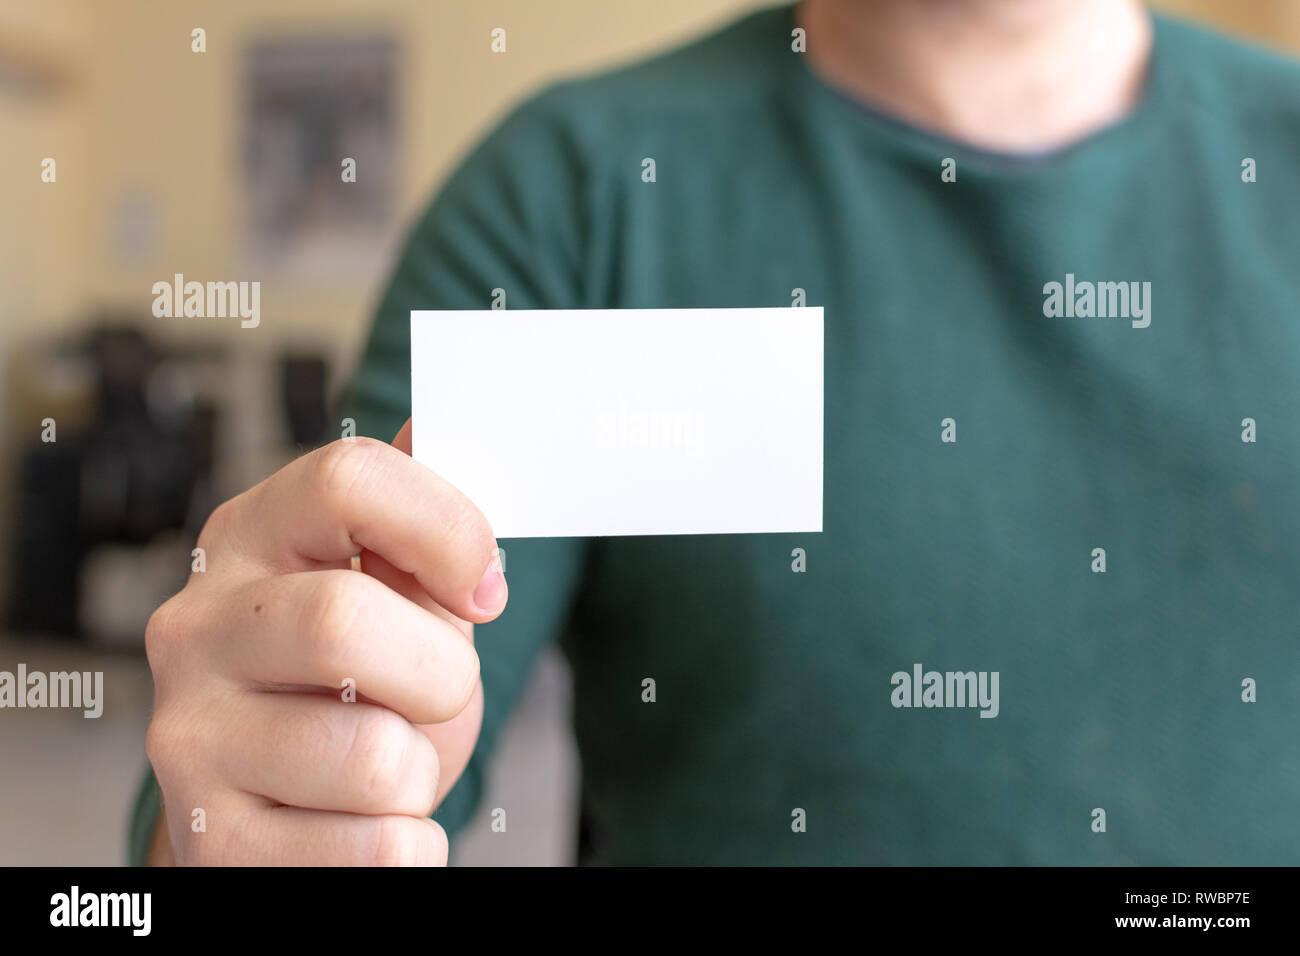 Vorlage Für Die Visitenkarte Stockfotos Vorlage Für Die